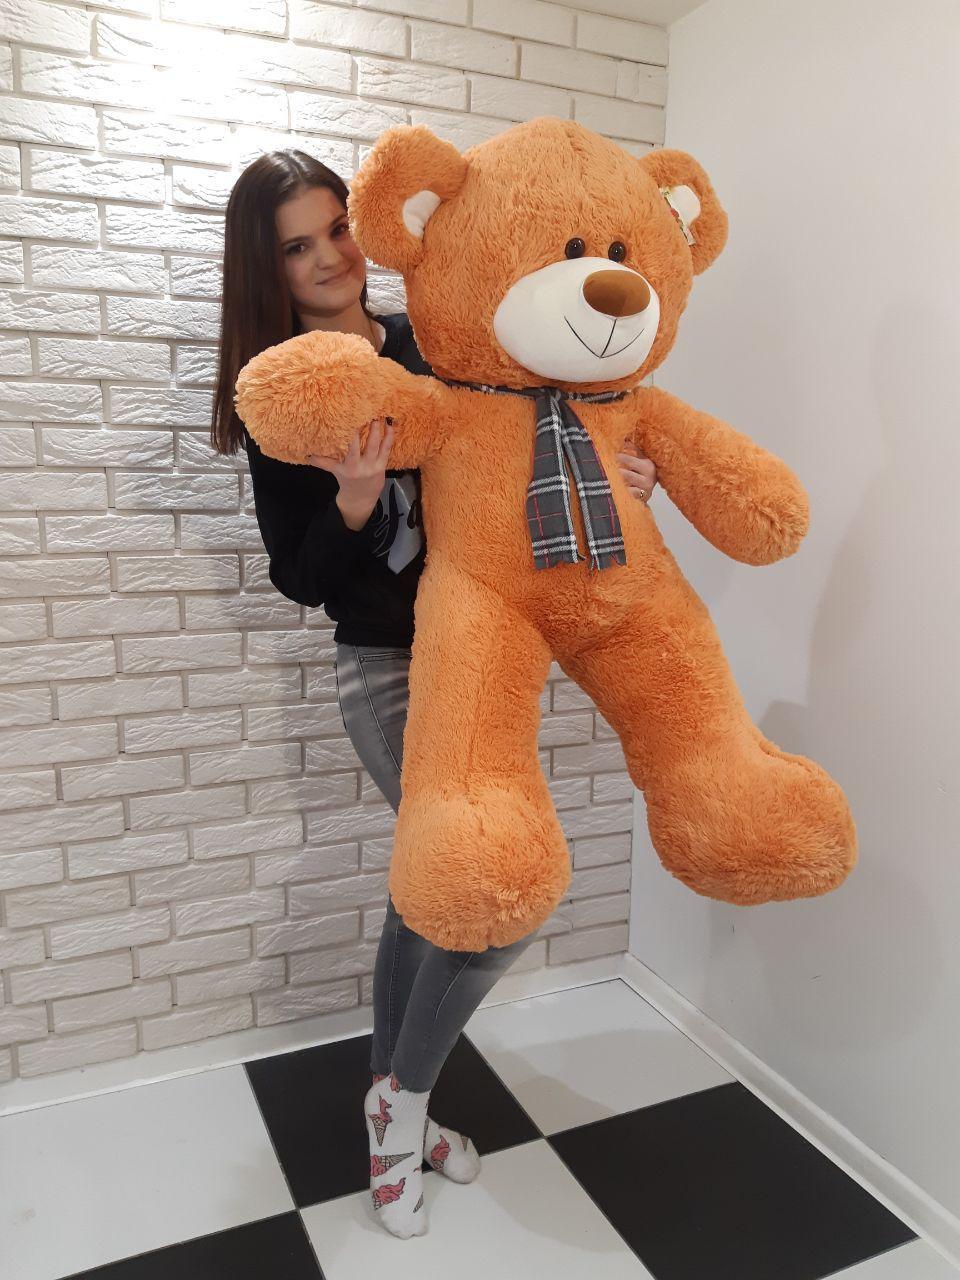 Большой мягкий Медведь - Светло-Коричневый - 1.45 метра (145 см)